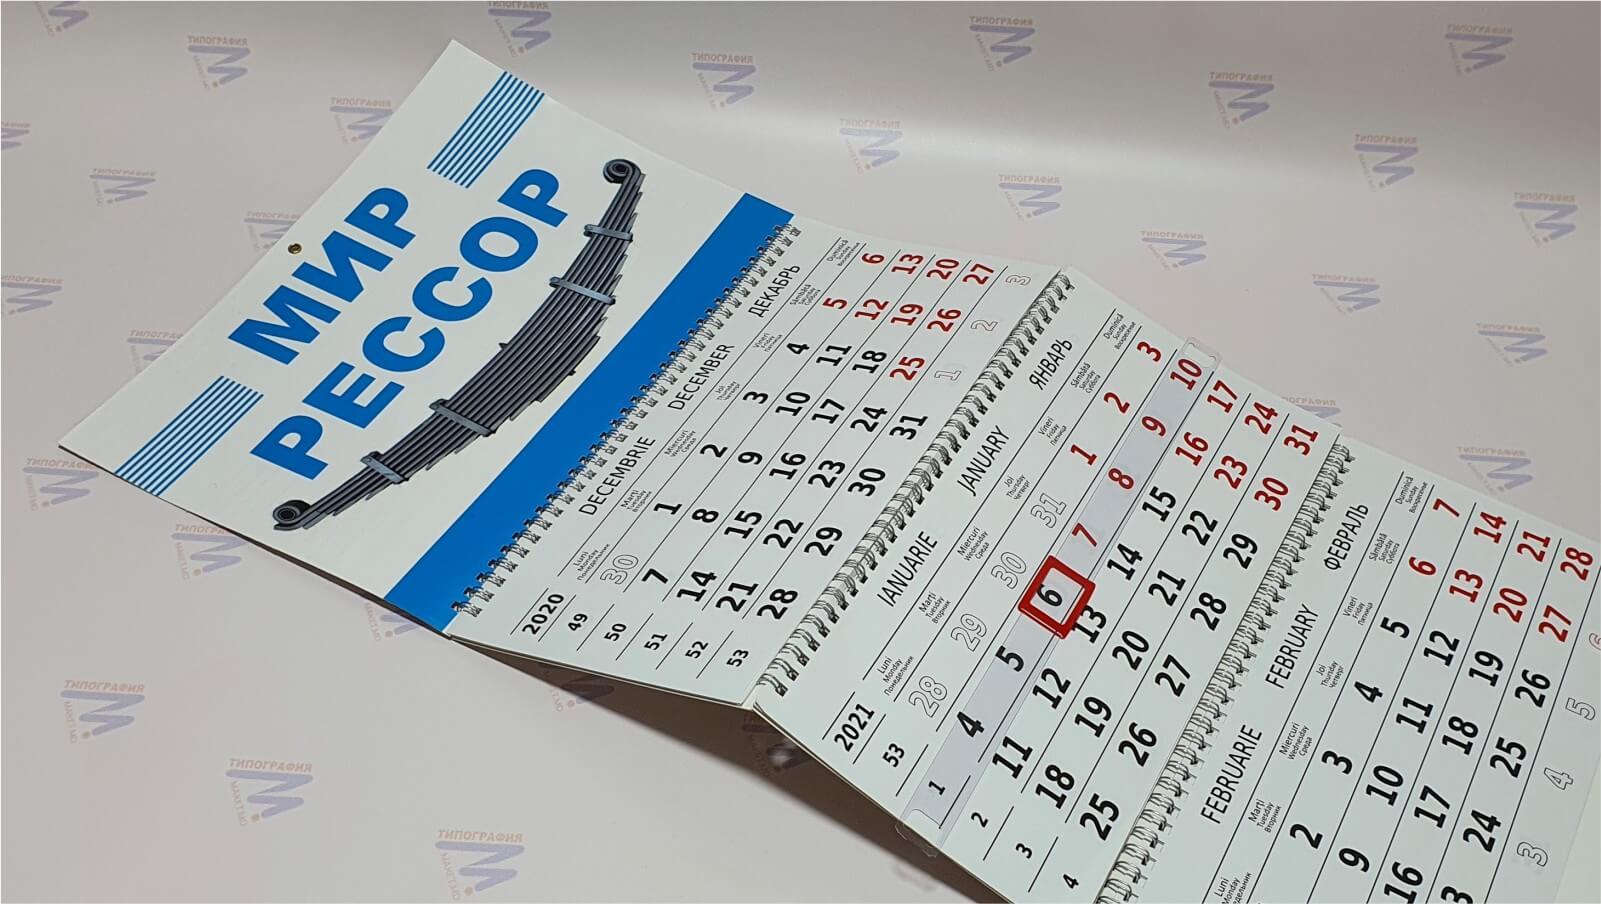 календарь настенный квартальный трёхблочный на белом боне на пружине фото 2